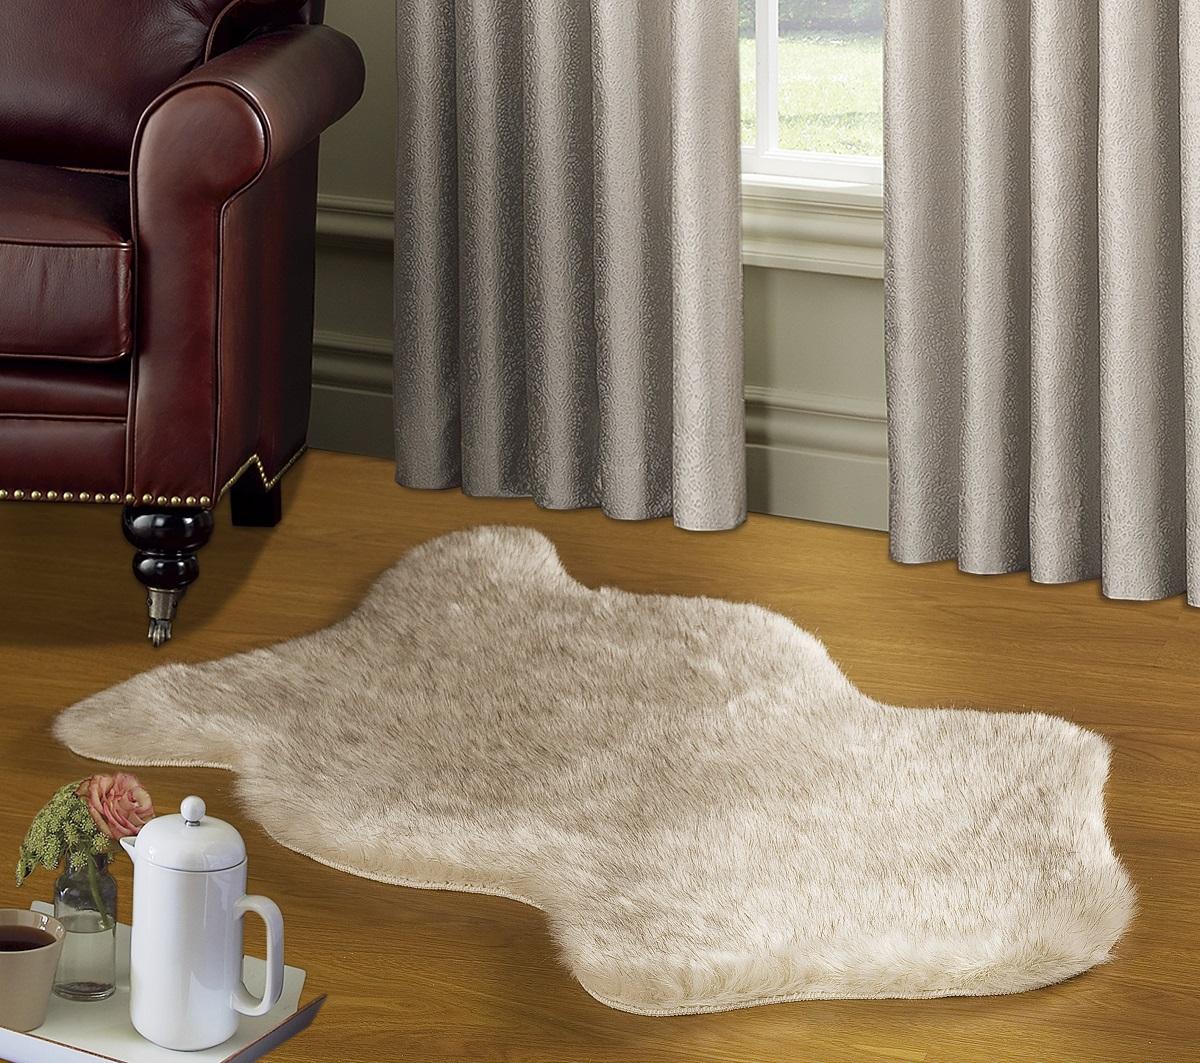 """Коврик Modalin """"Manal"""" выполнен из искусственного меха. Изделие долго прослужит в  вашем доме, добавляя тепло и уют, а также внесет неповторимый колорит в  интерьер."""